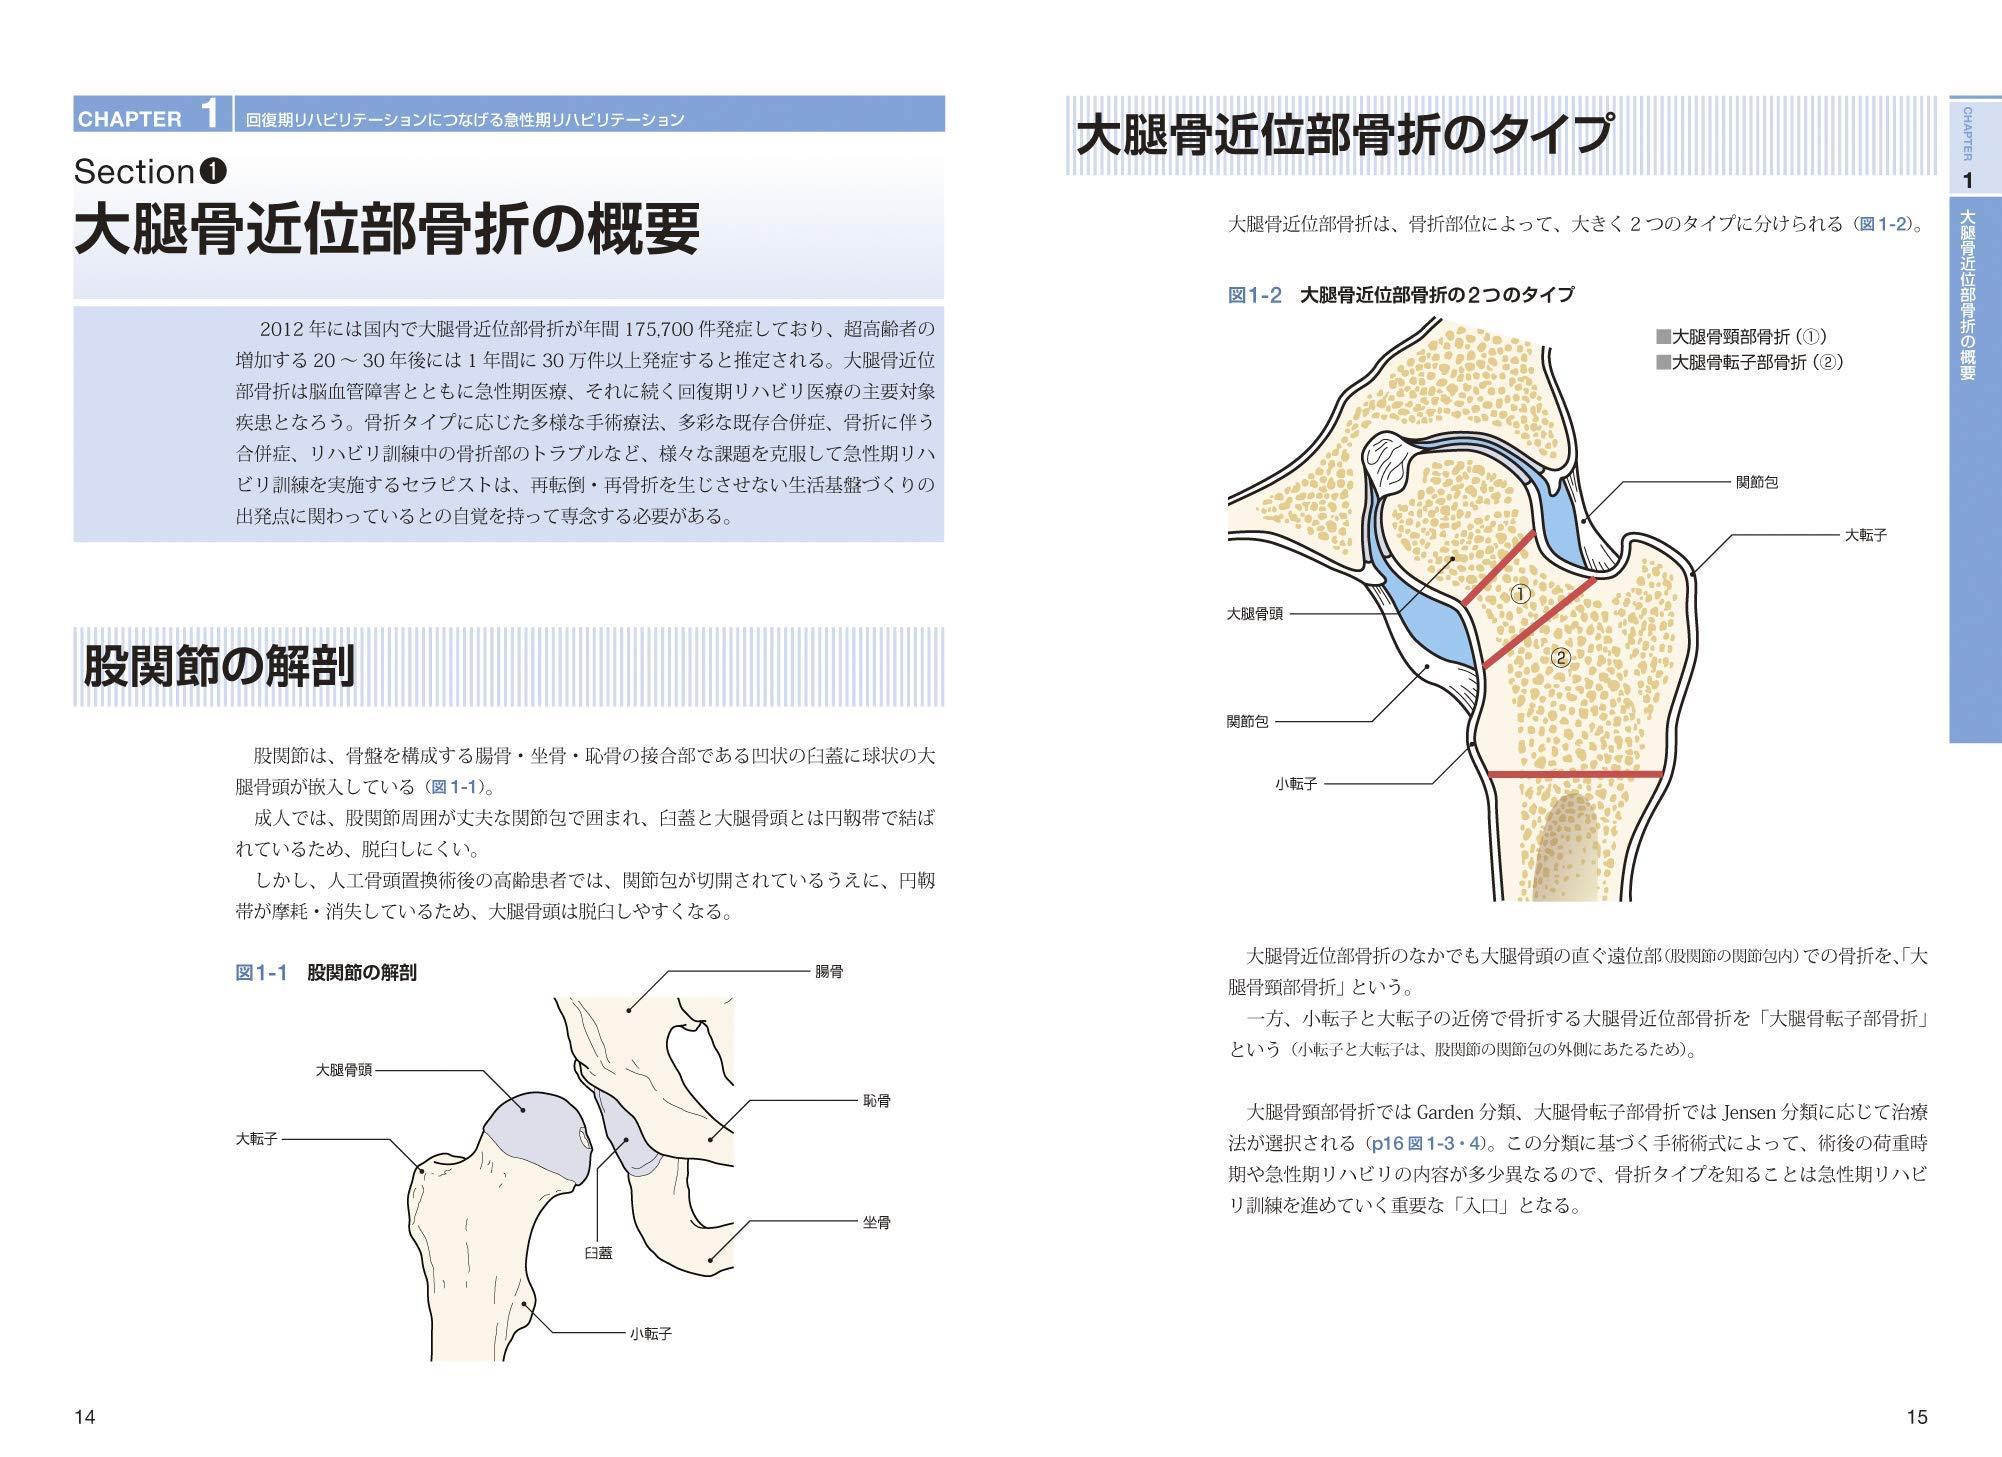 禁忌 位 骨 大腿 頸 骨折 部 肢